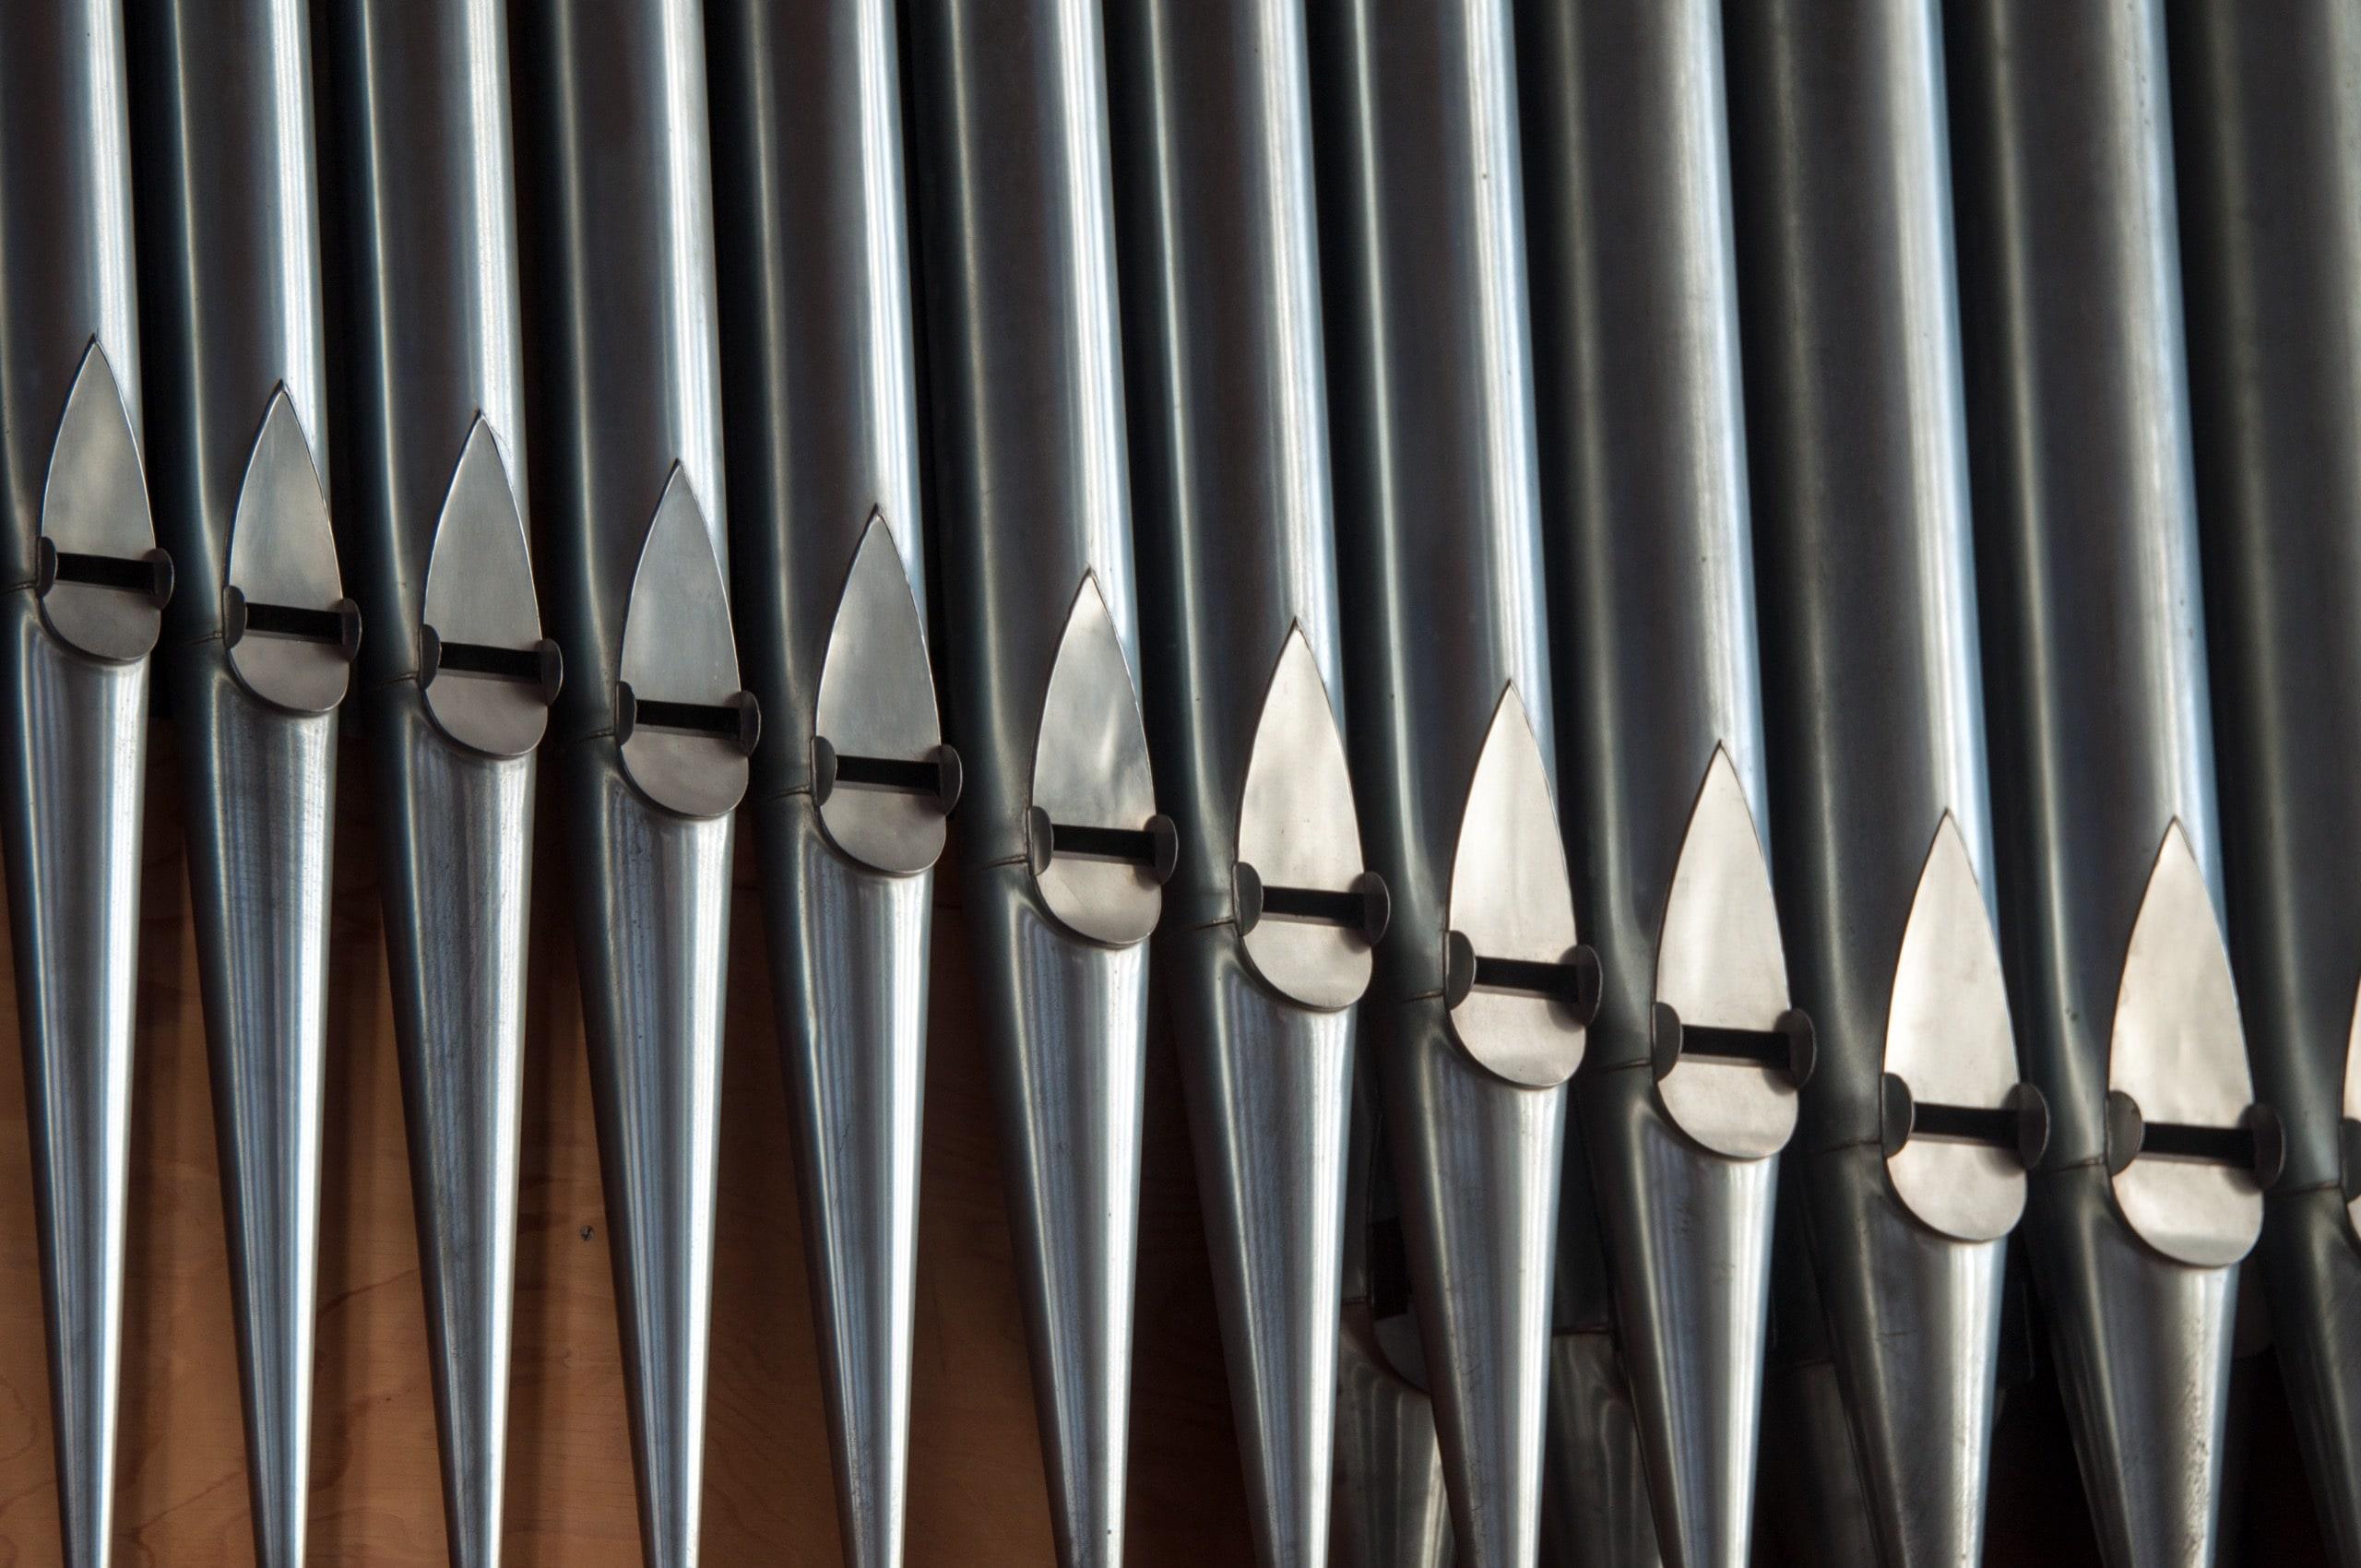 Organ Pipes Close-up